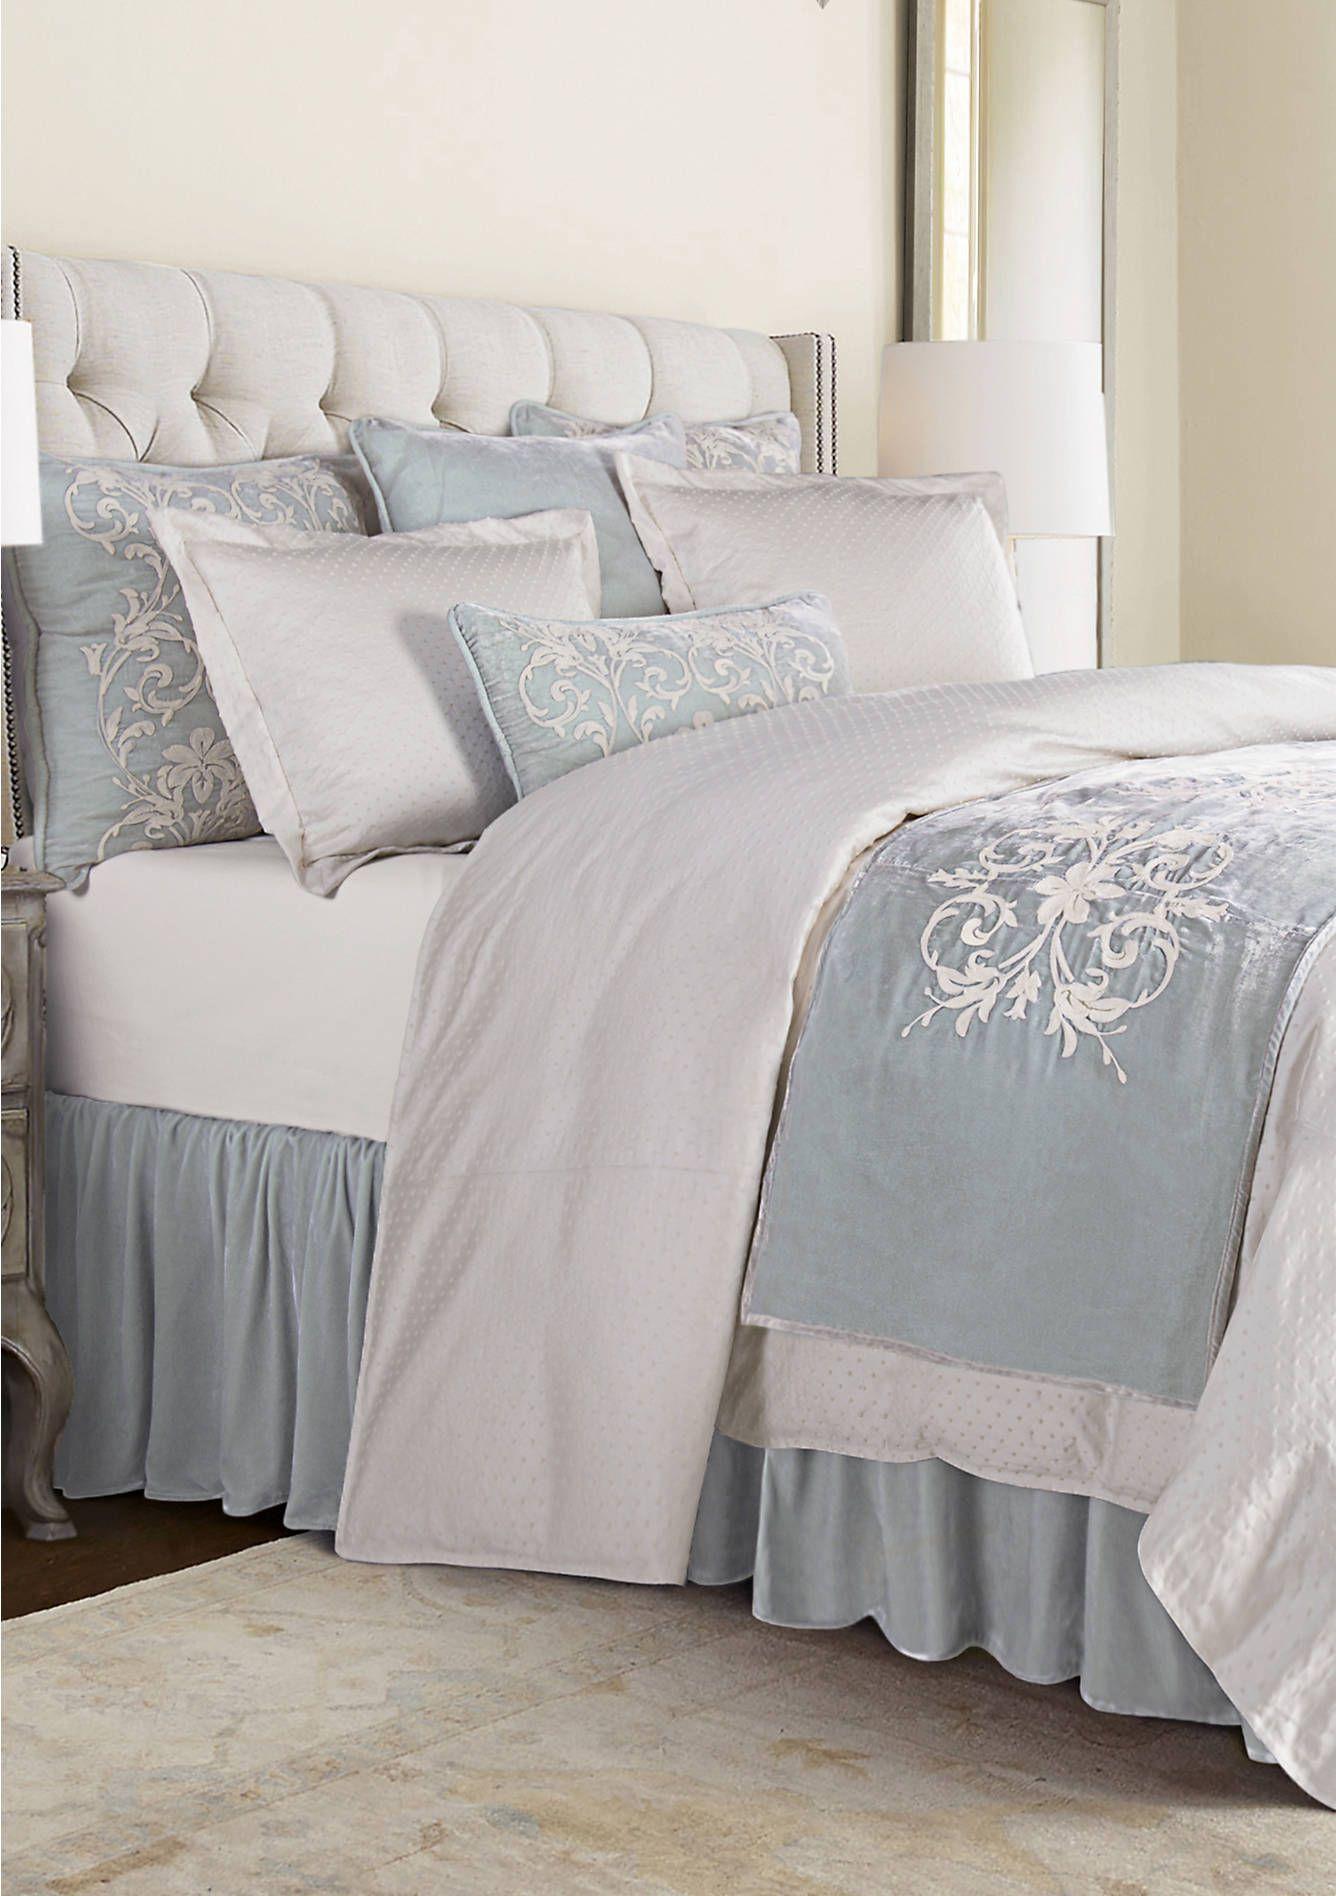 Hiend Accents Belle Comforter Set Luxury Comforter Sets Comfortable Bedroom Complete Bedding Set